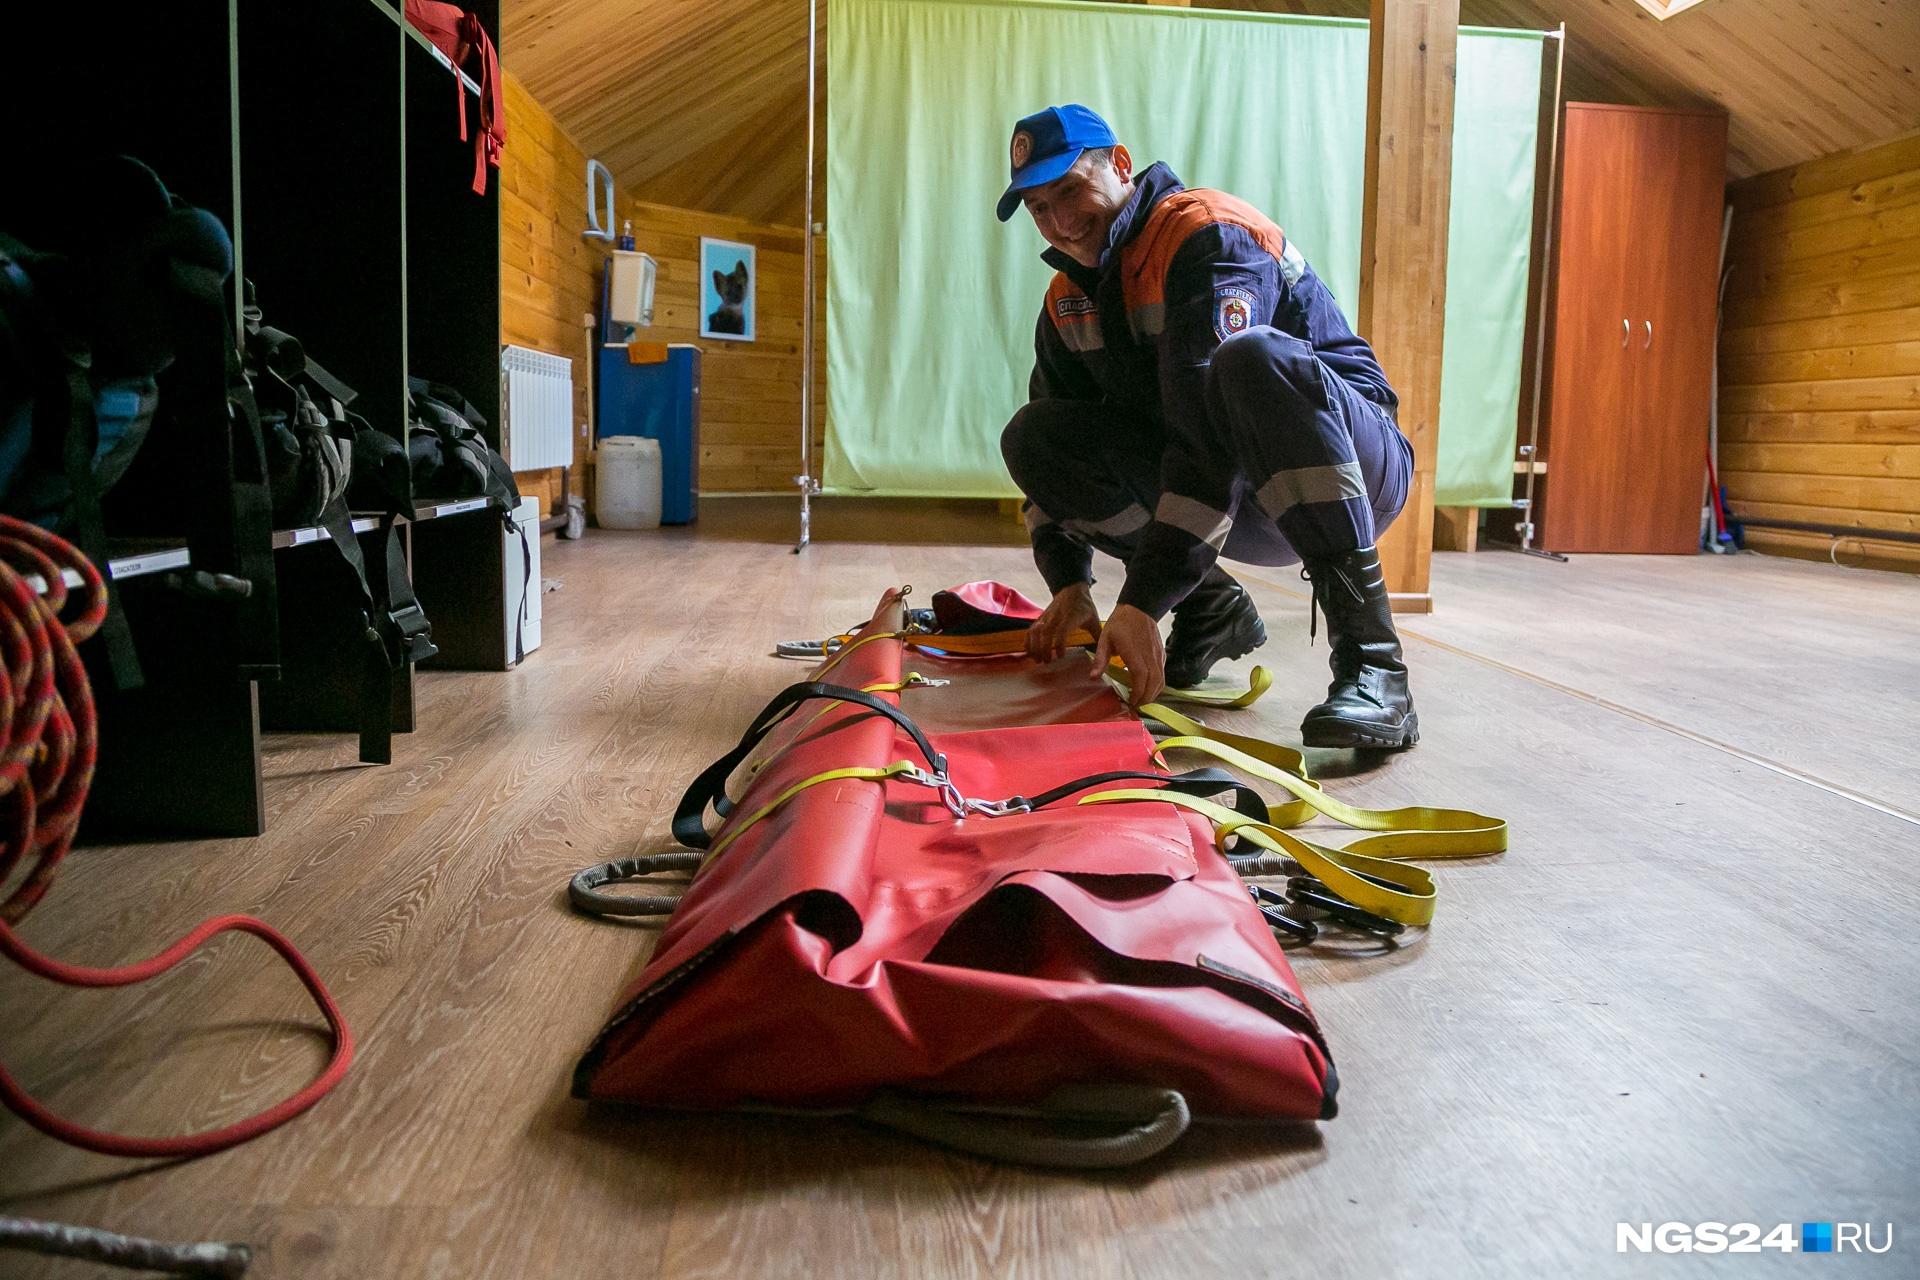 Перед патрулированием спасатели собирают снаряжение, проверяют носилки